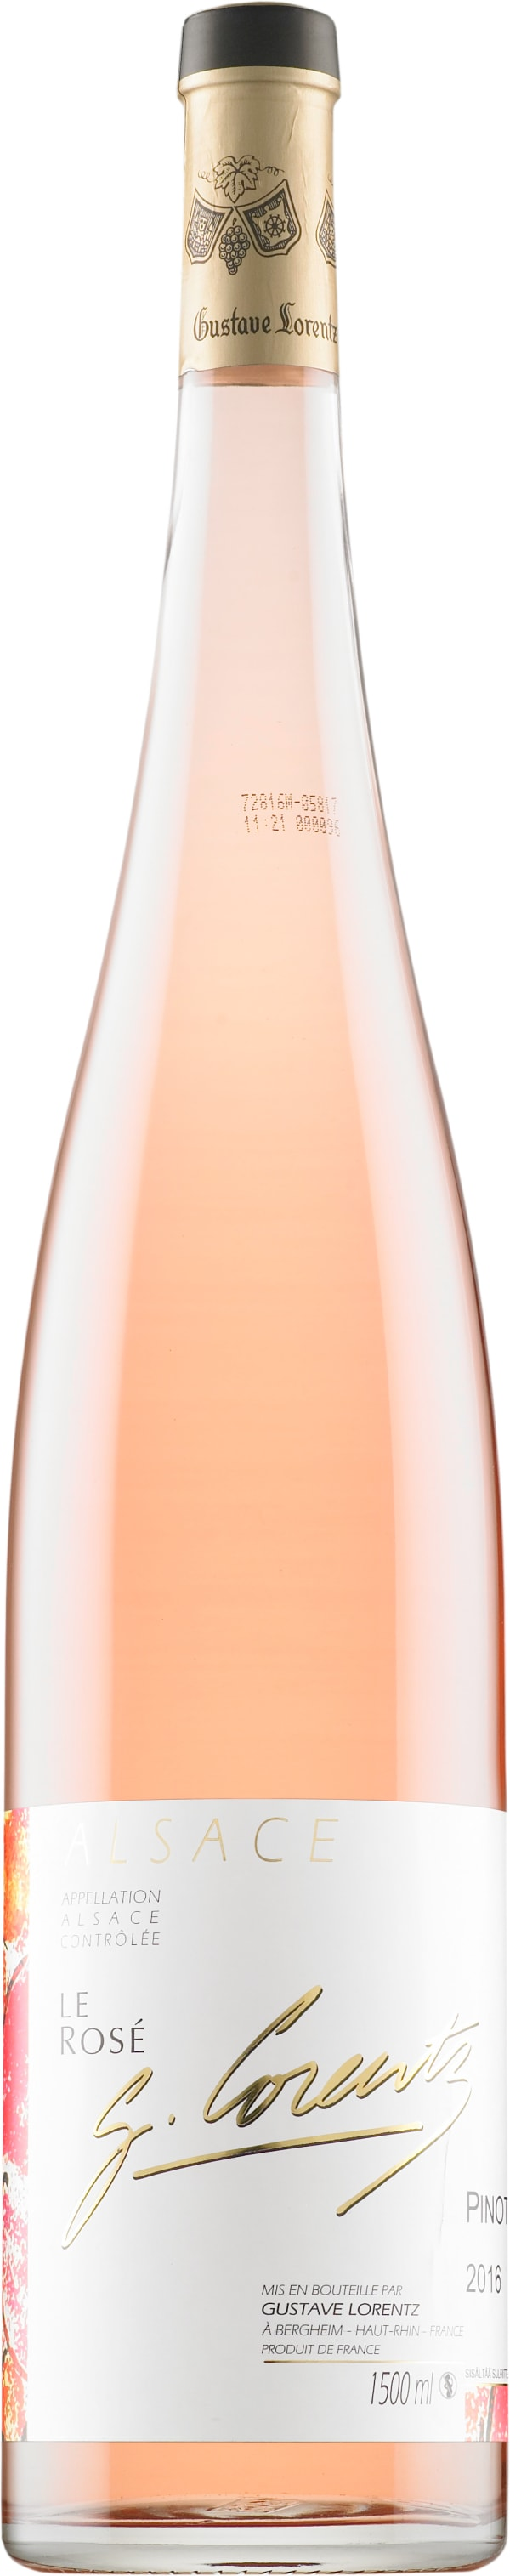 Gustave Lorentz Le Rosé Pinot Noir 2016